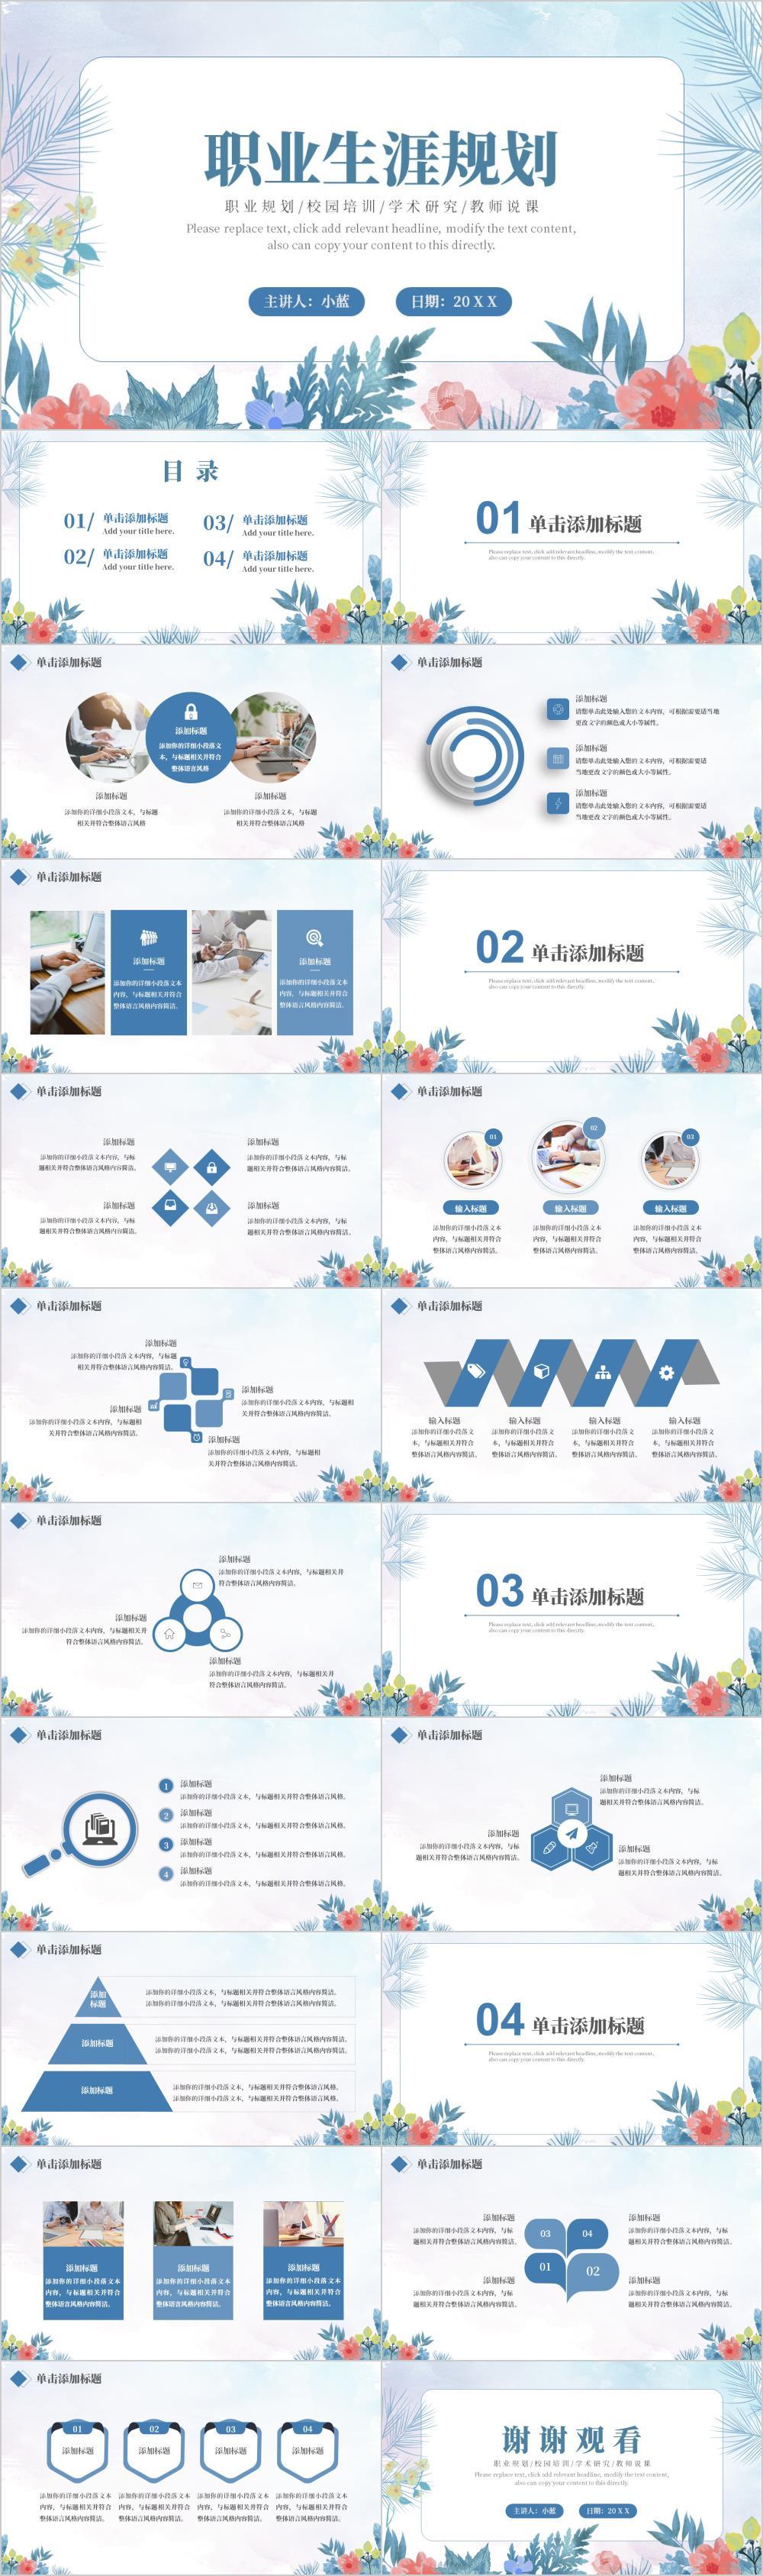 蓝色小清新风职业生涯规划通用PPT模板